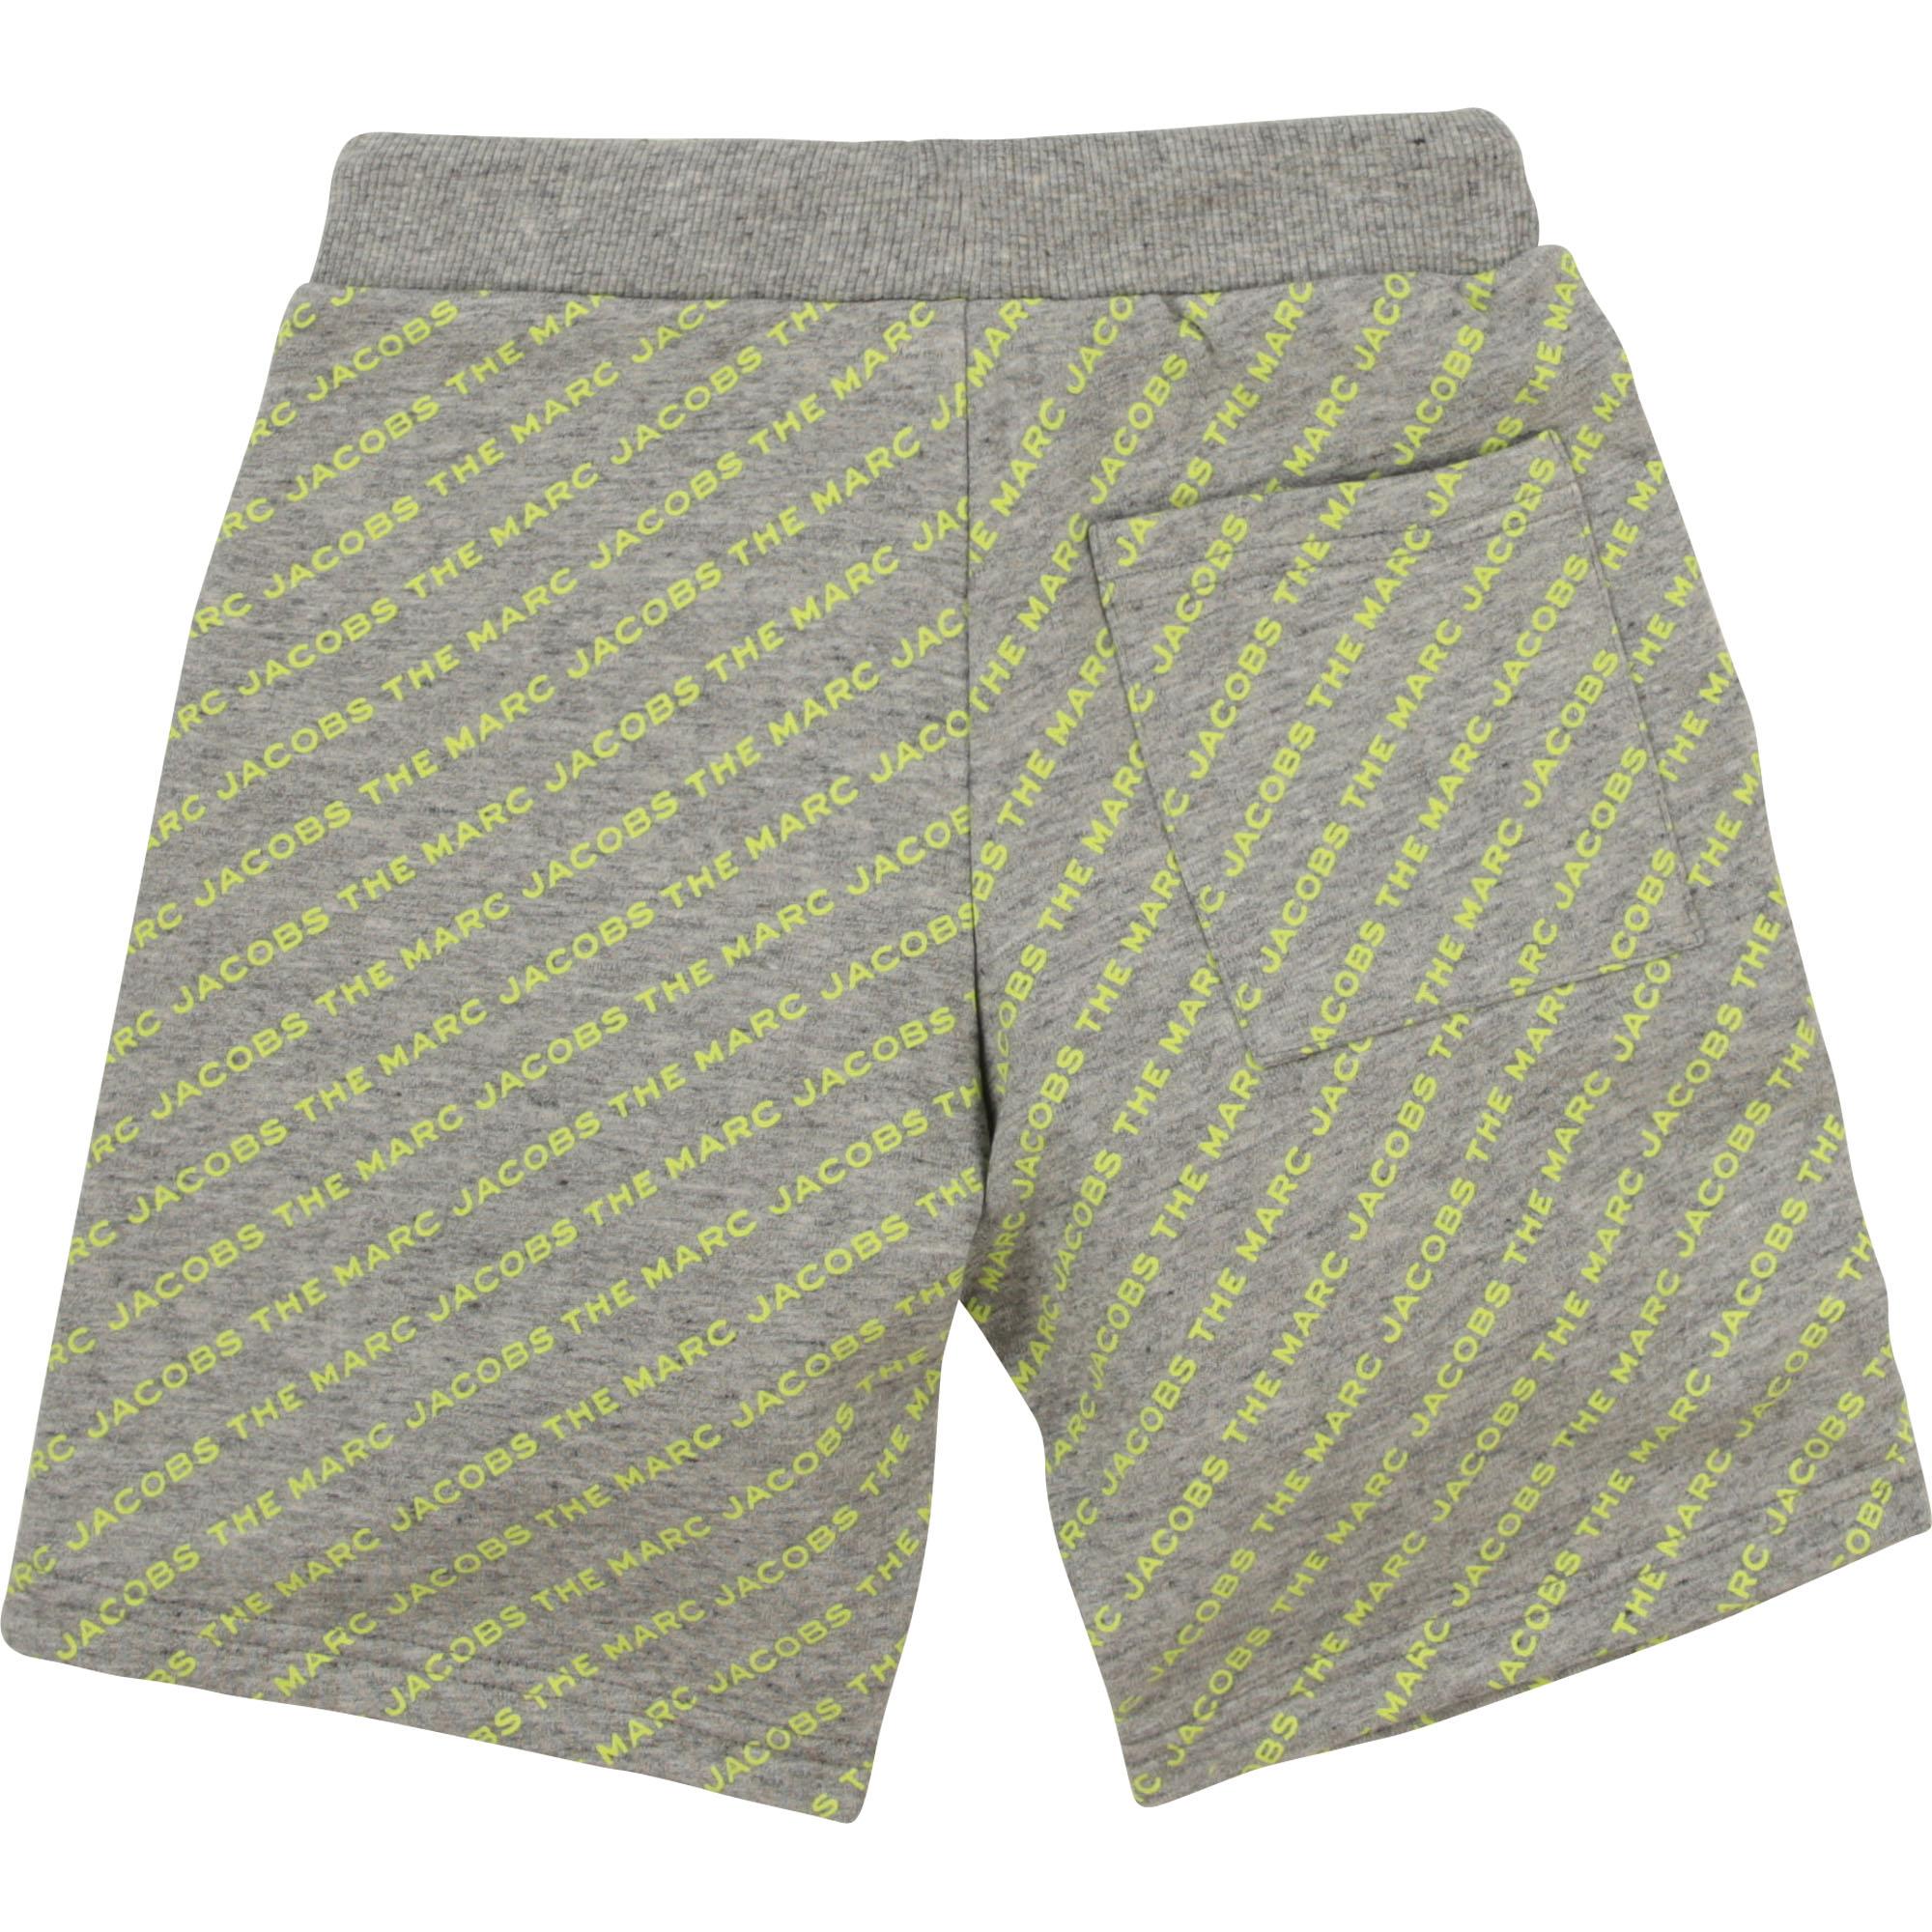 Cotton fleece bermuda shorts THE MARC JACOBS for BOY